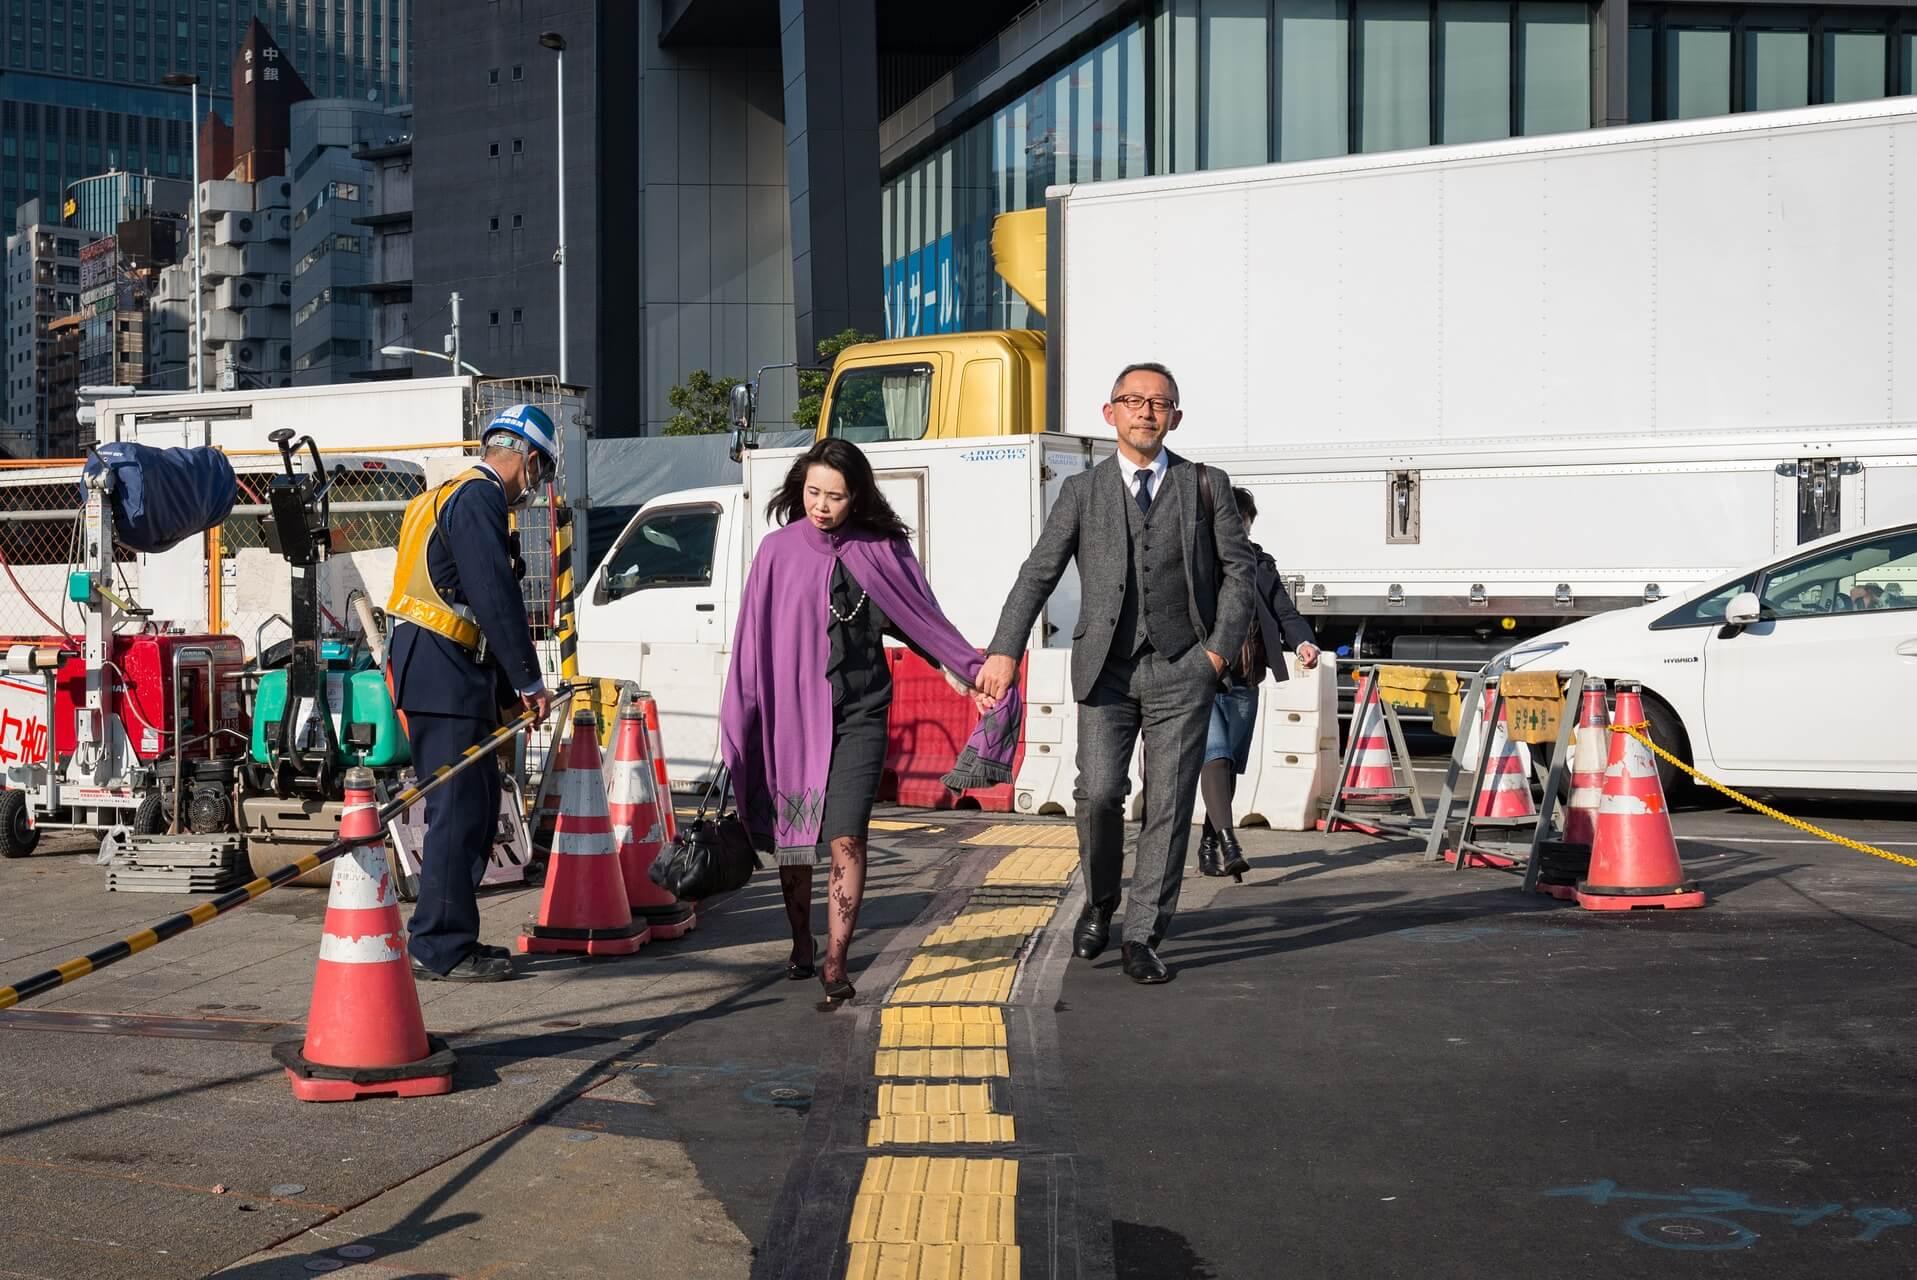 Japan Tokyo Pärchen Hand in Hand